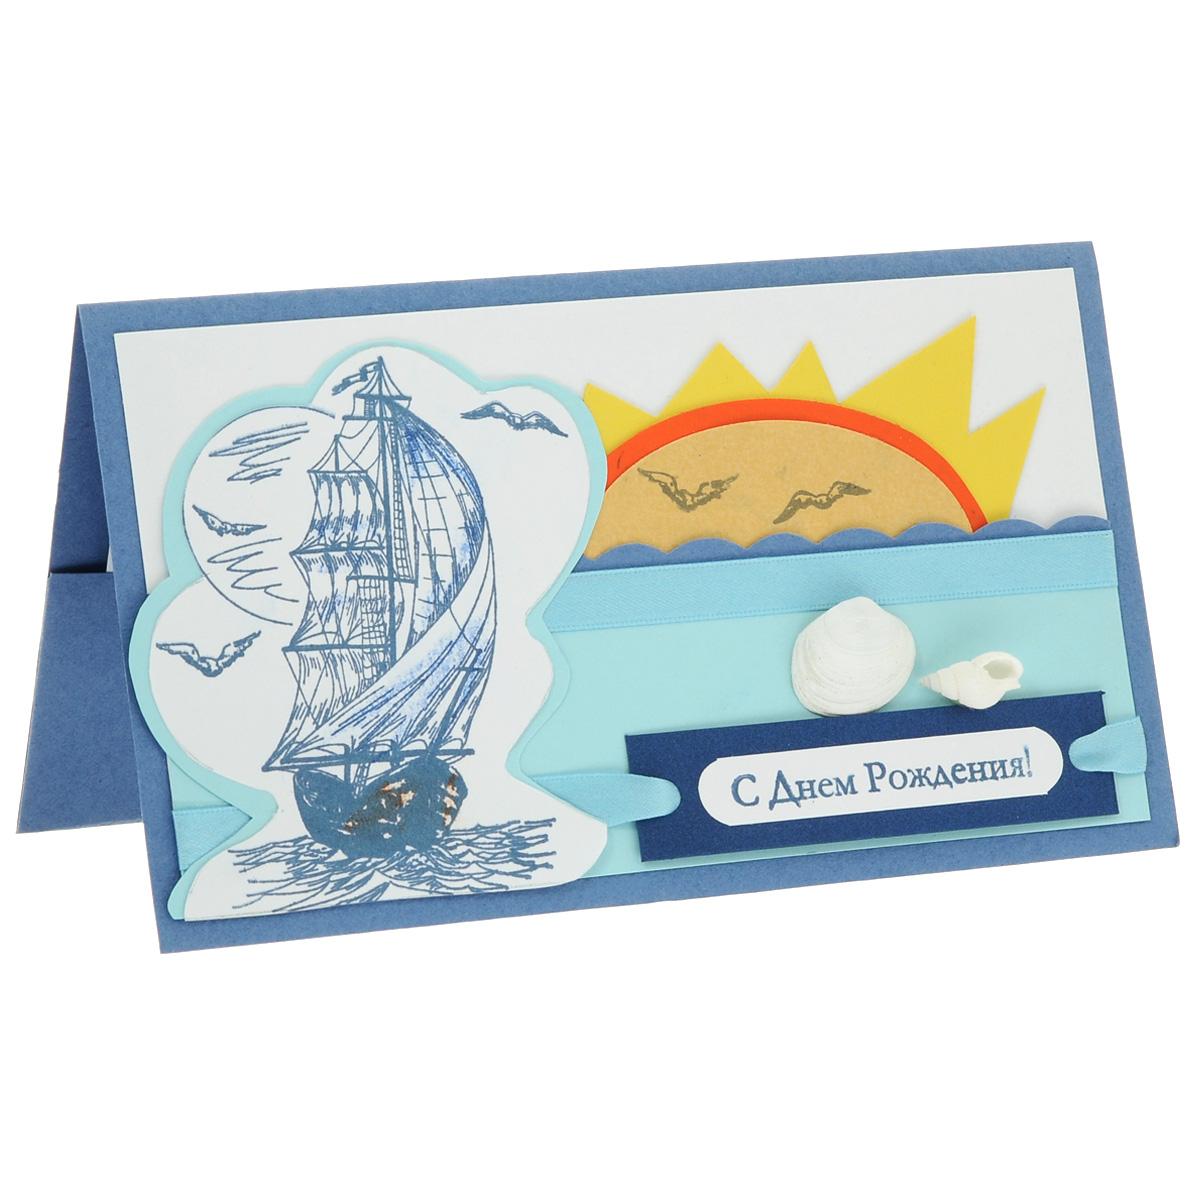 ОМ-0001 Открытка-конверт «С Днём Рождения!» (Парусник, бумажные волны). Студия «Тётя Роза»U0401-105-GC1Характеристики: Размер 19 см x 11 см.Материал: Высоко-художественный картон, бумага, декор. Данная открытка может стать как прекрасным дополнением к вашему подарку, так и самостоятельным подарком. Так как открытка является и конвертом, в который вы можете вложить ваш денежный подарок или просто написать ваши пожелания на вкладыше. Открытка про море, солнце и попутный ветер, в расправленных парусах. В декоре использована тонкая атласная лента и настоящие морские ракушки. Также открытка упакована в пакетик для сохранности.Обращаем Ваше внимание на то, что открытка может незначительно отличаться от представленной на фото.Открытки ручной работы от студии Тётя Роза отличаются своим неповторимым и ярким стилем. Каждая уникальна и выполнена вручную мастерами студии. (Открытка для мужчин, открытка для женщины, открытка на день рождения, открытка с днем свадьбы, открытка винтаж, открытка с юбилеем, открытка на все случаи, скрапбукинг)